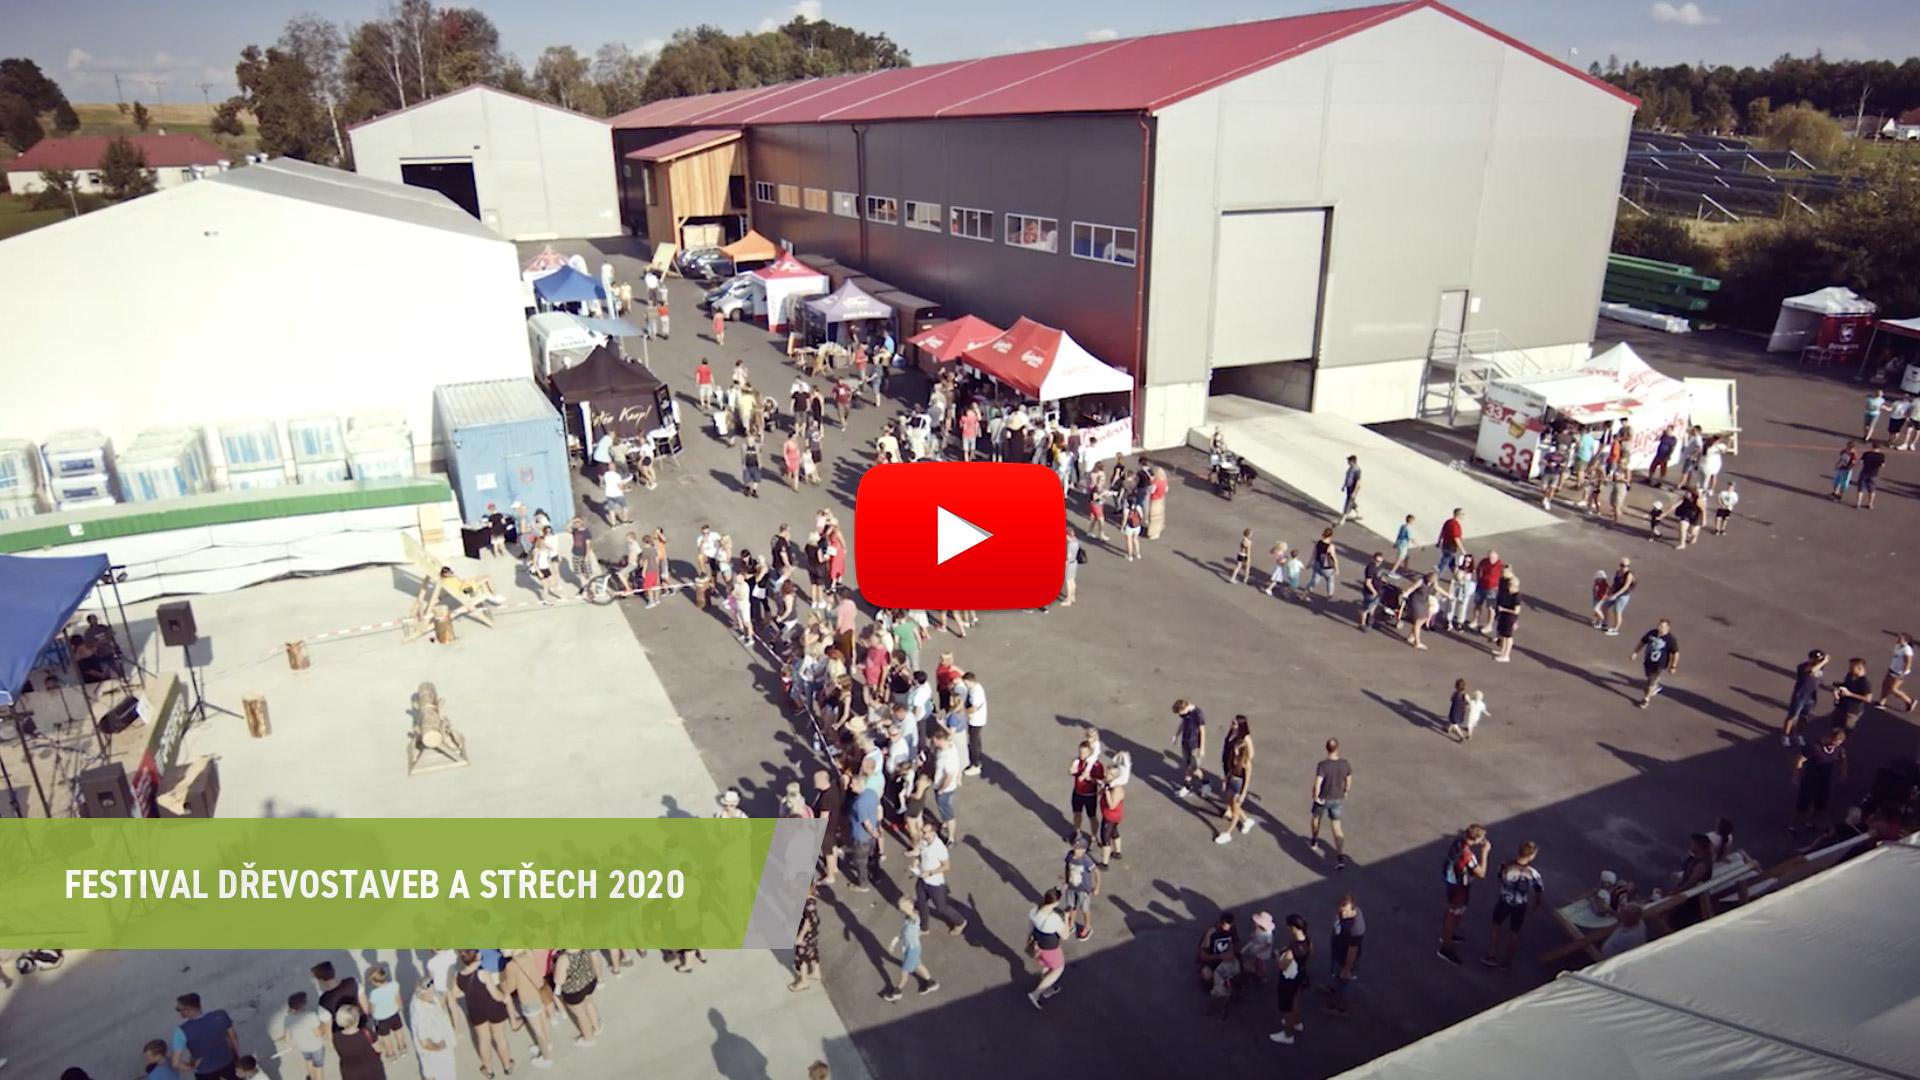 festival-drevostaveb-a-strech-play.jpg